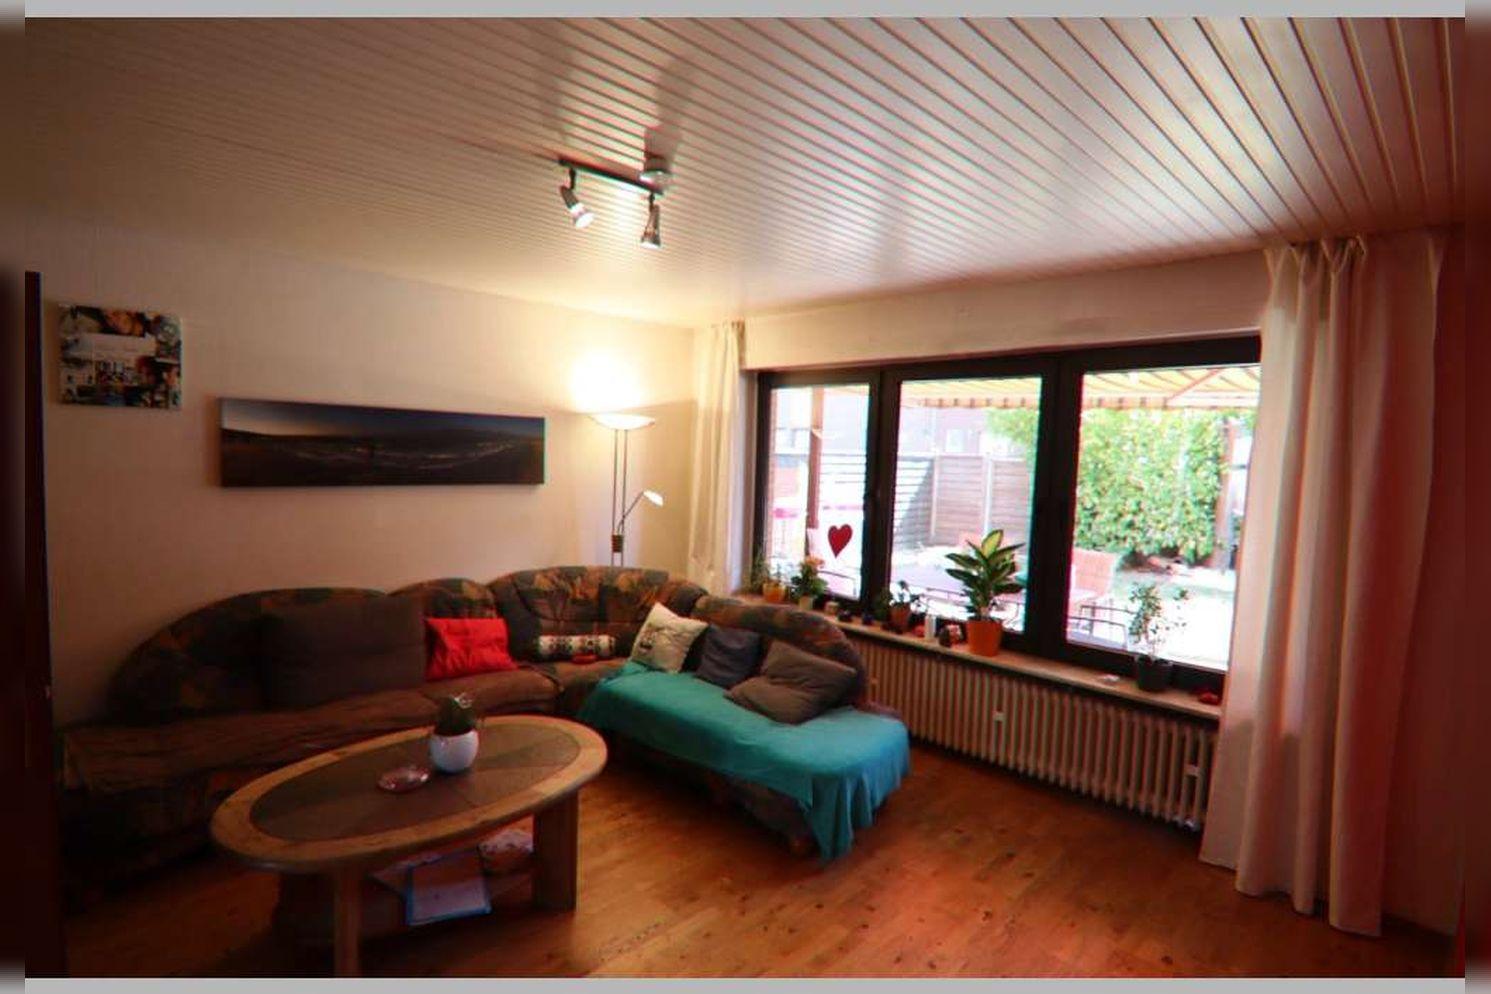 Immobilie Nr.0268 - Reihenmittelhaus mit 4 Zimmern, Küche, Diele, Badezimmer, Gäste-WC, Garten, Garage und Stellplätzen - Bild 10.jpg